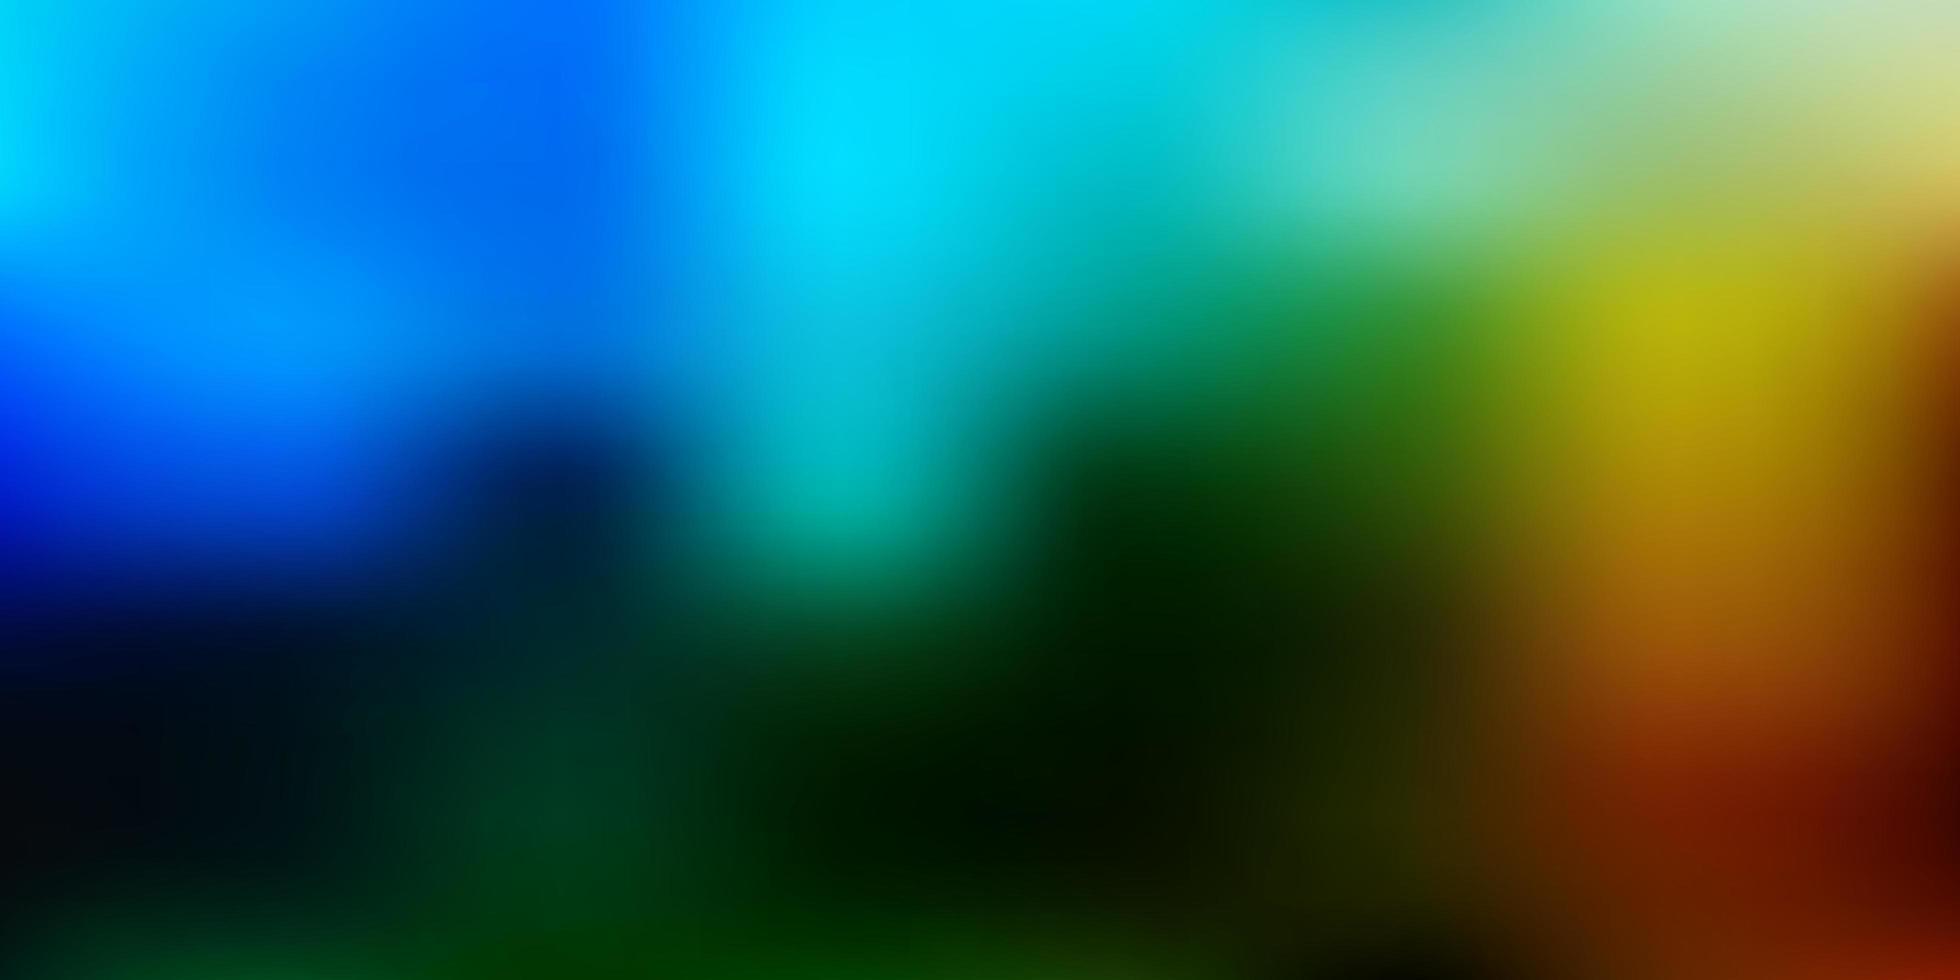 hellblauer, grüner Vektor unscharfer Hintergrund.